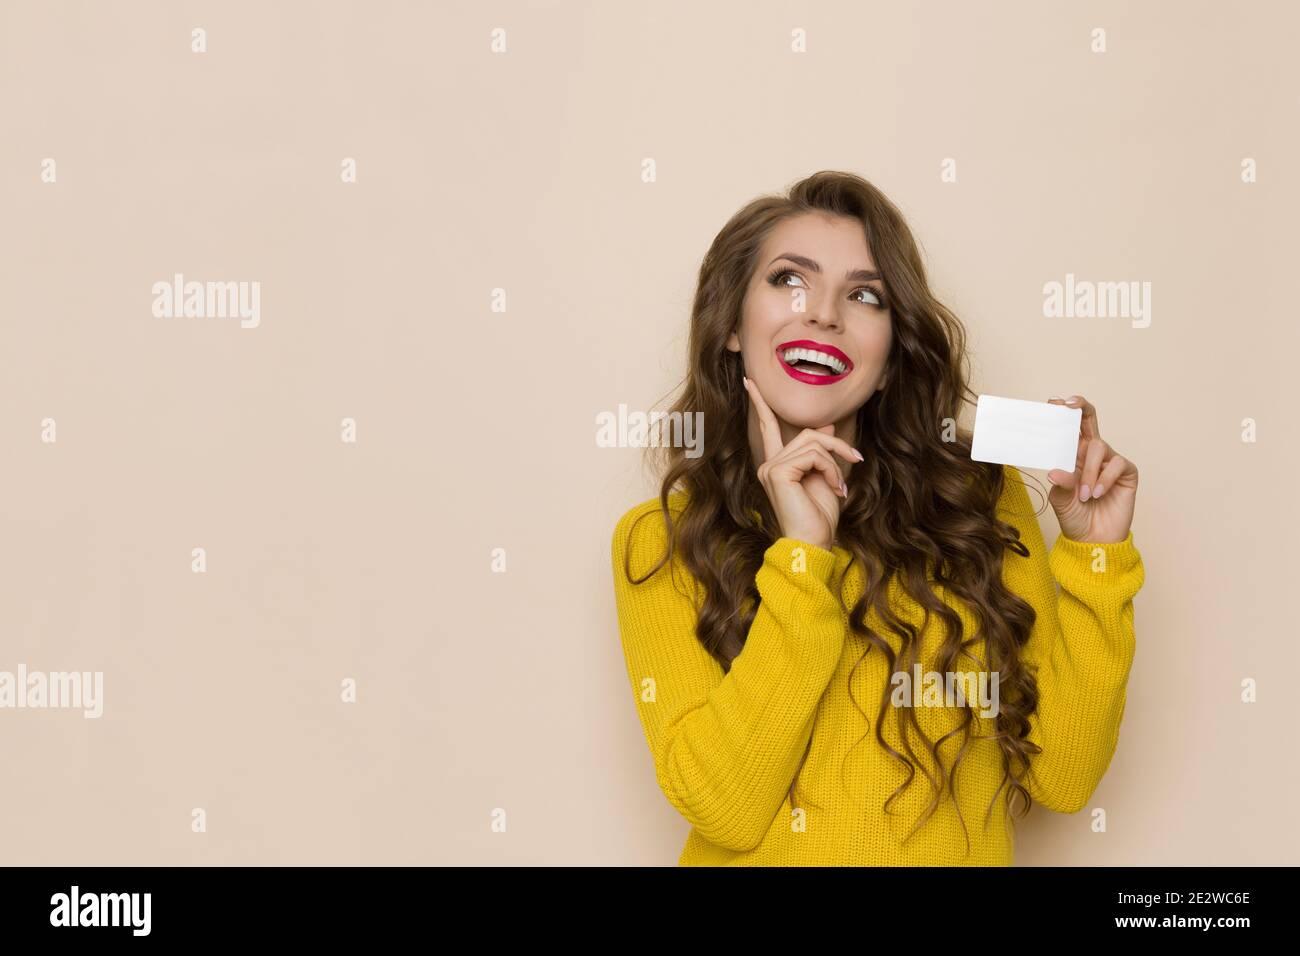 Mujer joven casual está sosteniendo una tarjeta de plástico blanca, sonriendo, mirando y pensando. Estudio de cintura arriba sobre fondo beige. Foto de stock